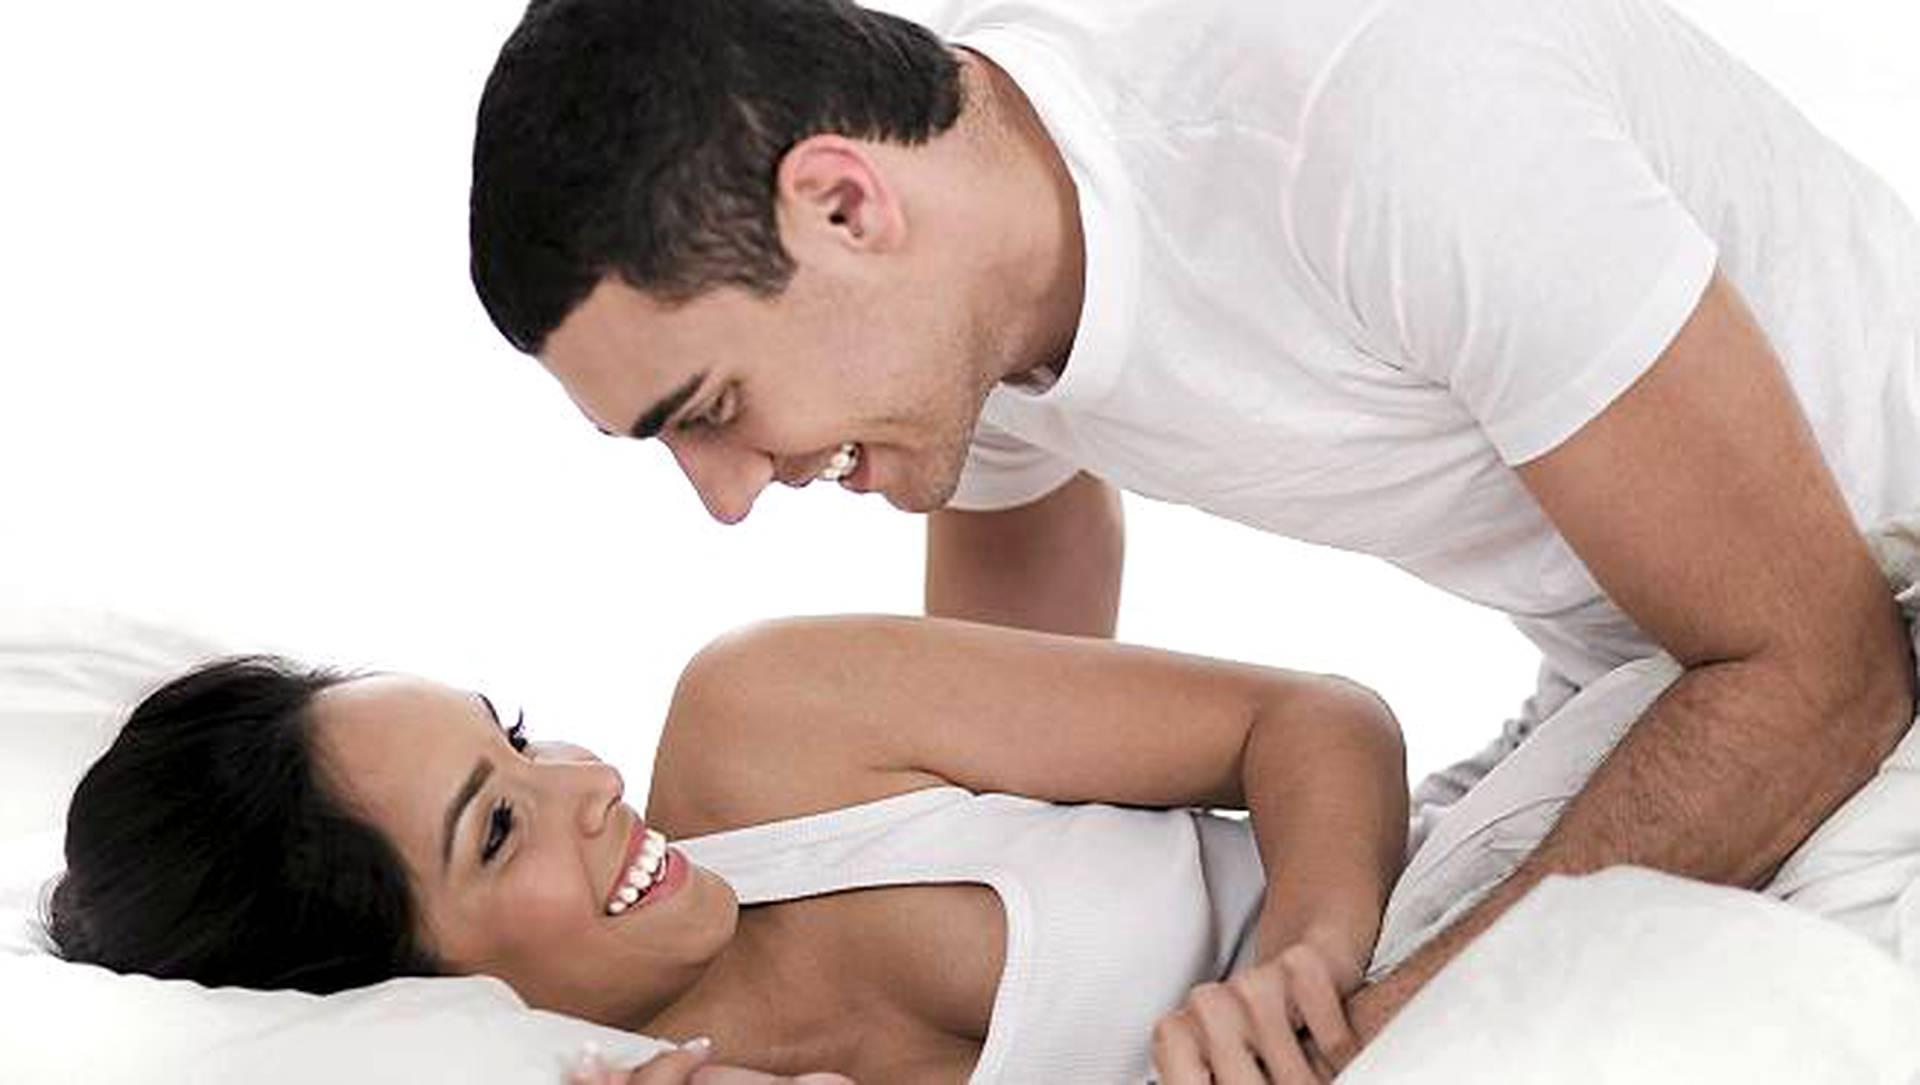 miehen orgasmi seksi liikkeet